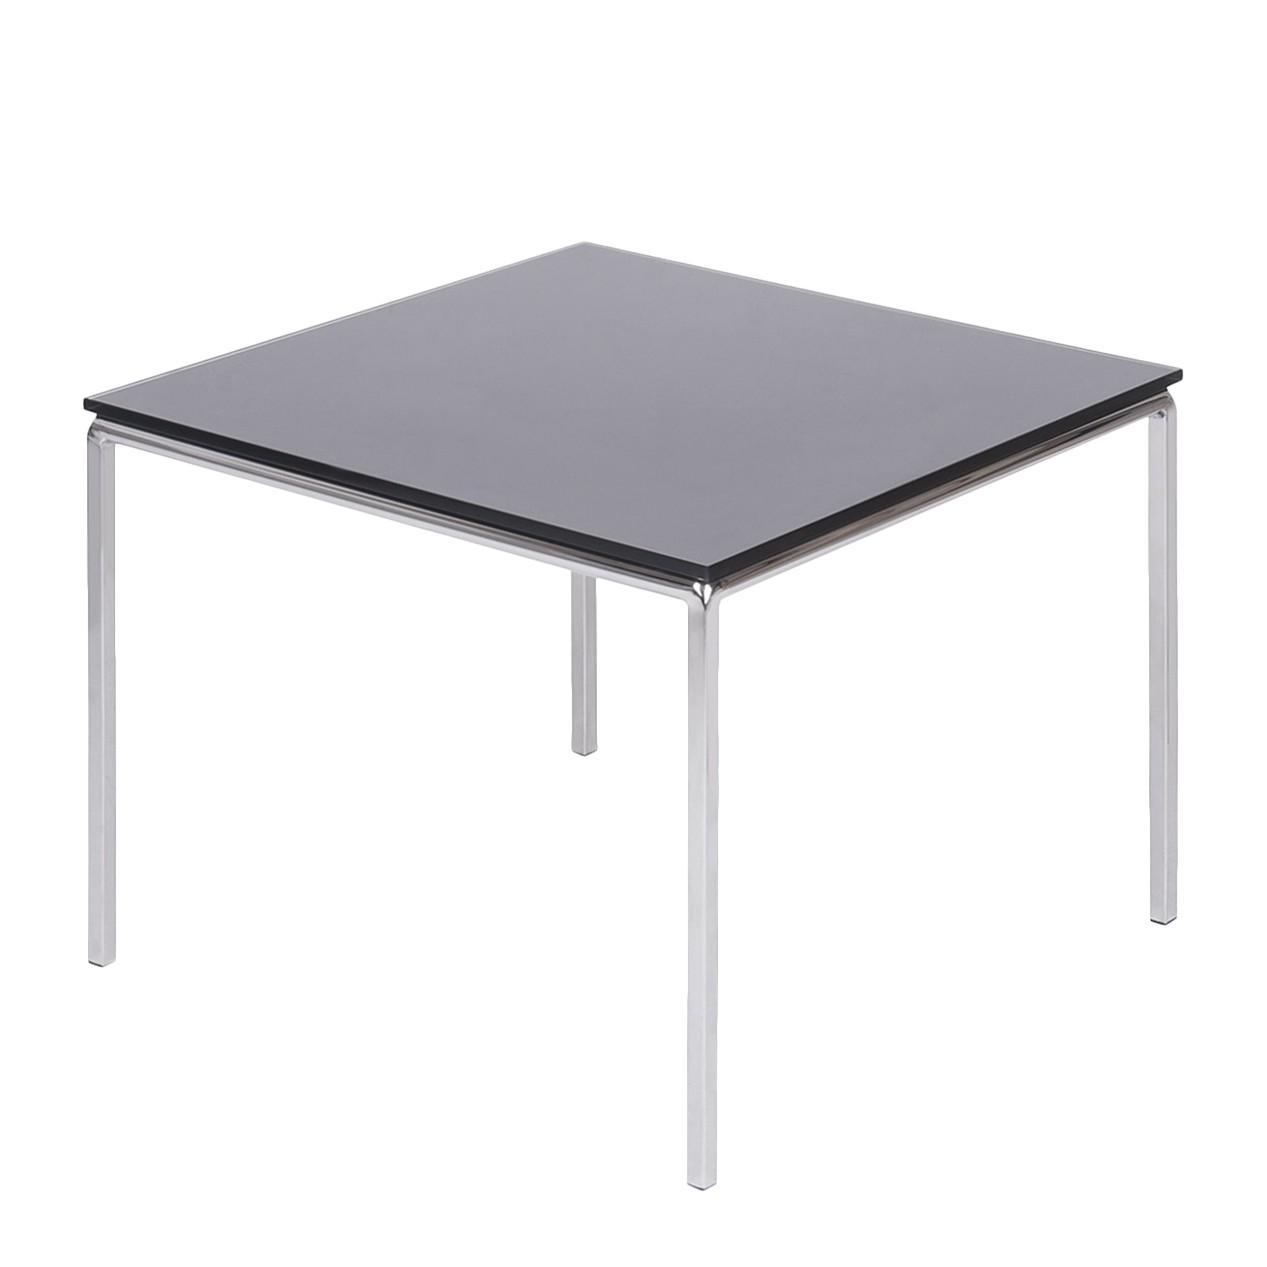 Table d'appoint Julian - Verre / Acier inoxydable - Noir, Fredriks